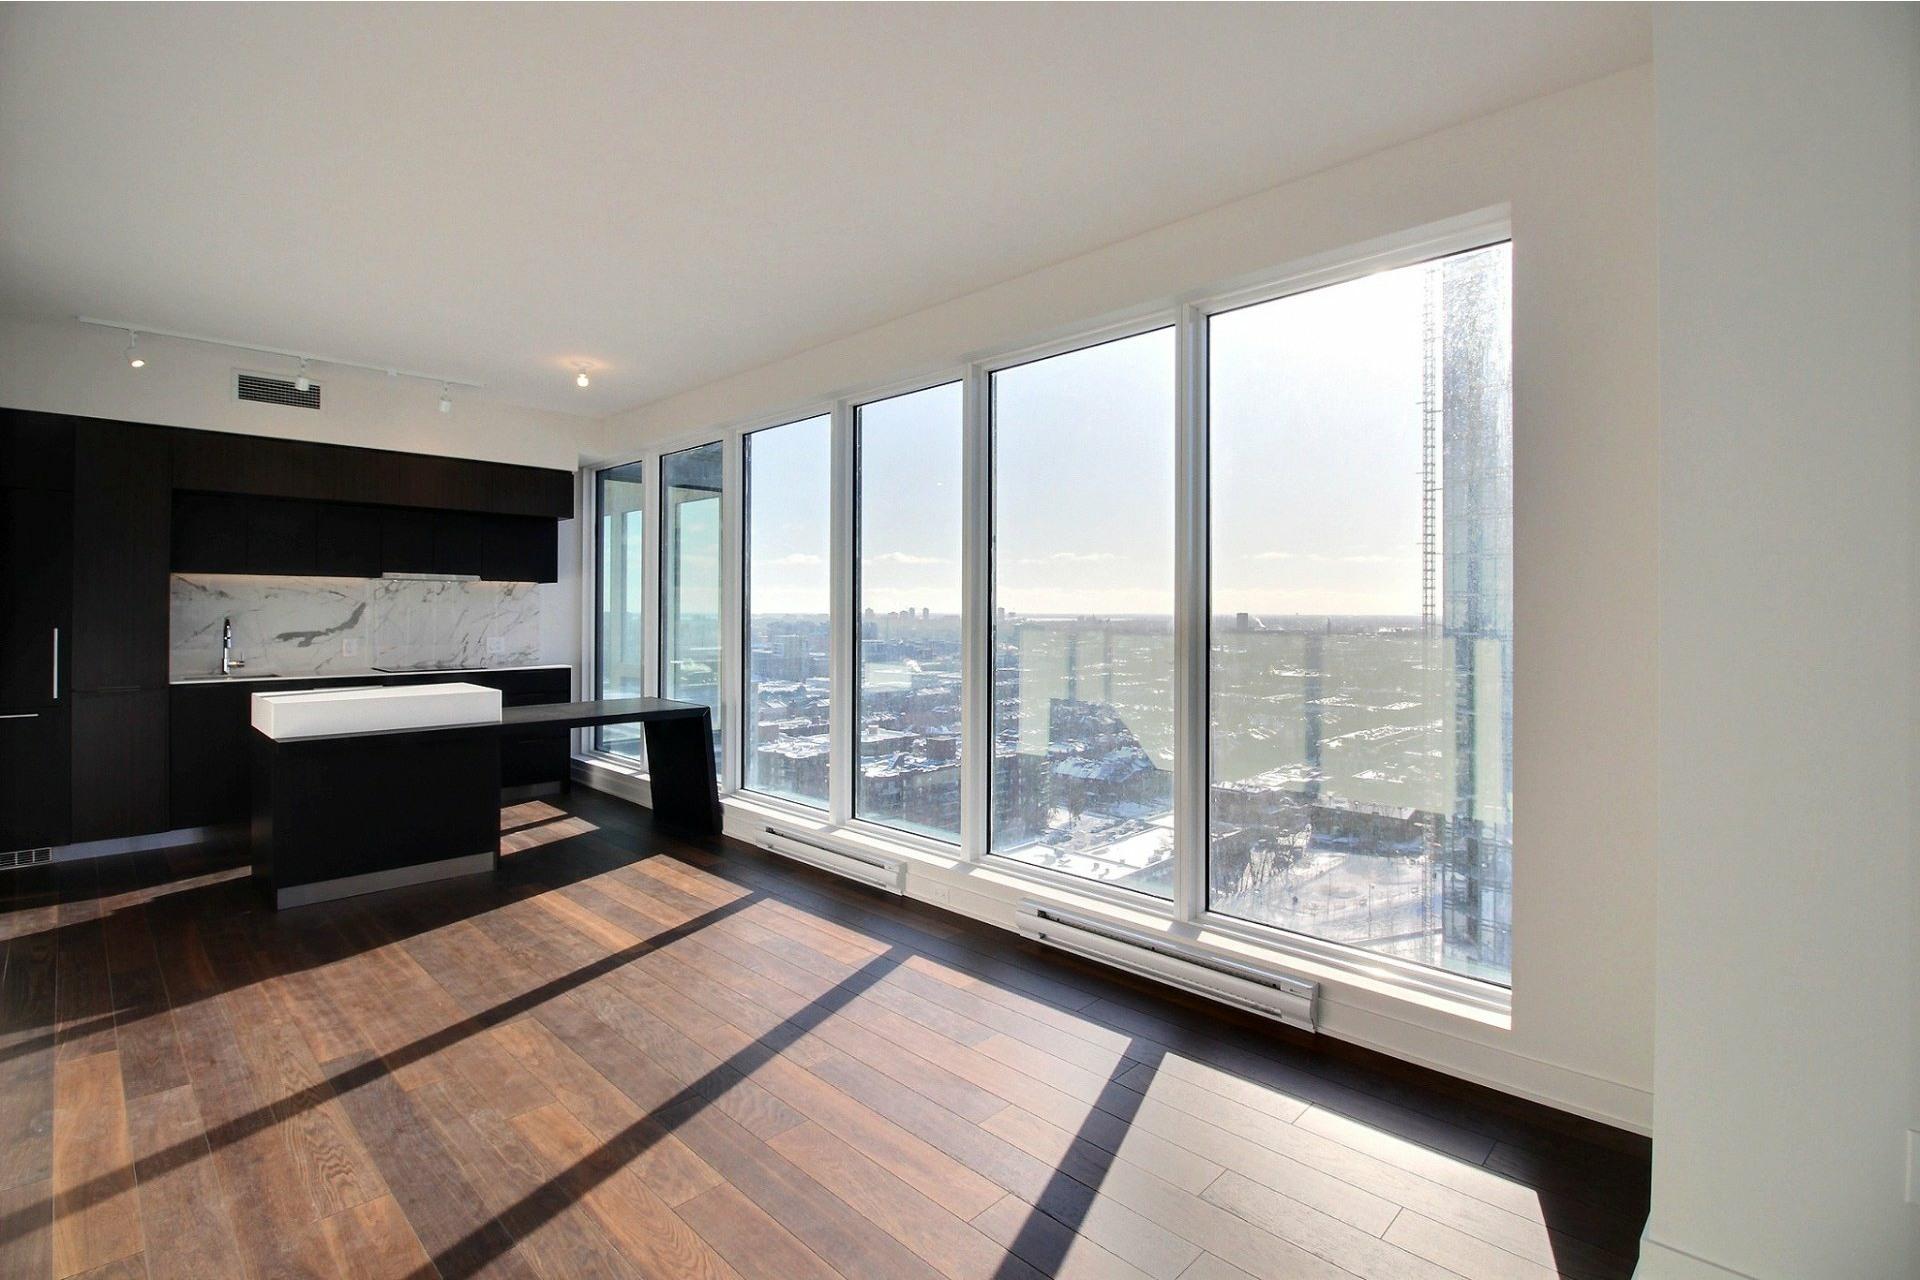 image 3 - Appartement À louer Ville-Marie Montréal  - 7 pièces